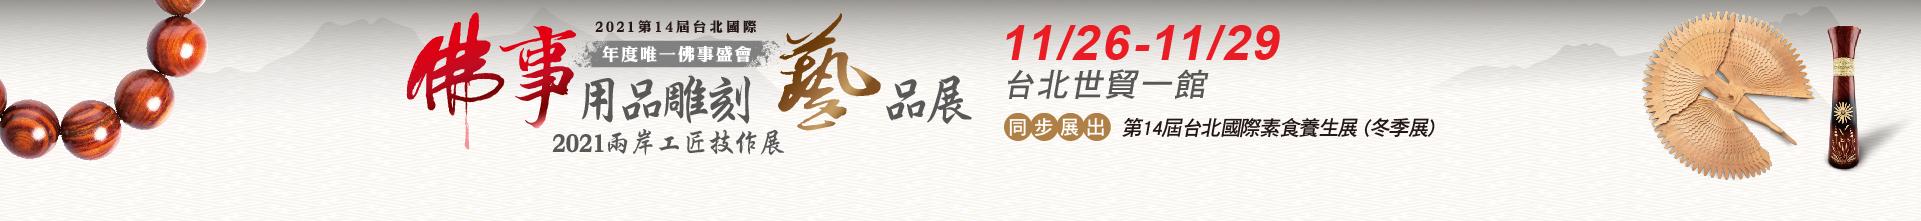 第14屆台北國際佛事用品雕刻藝品展